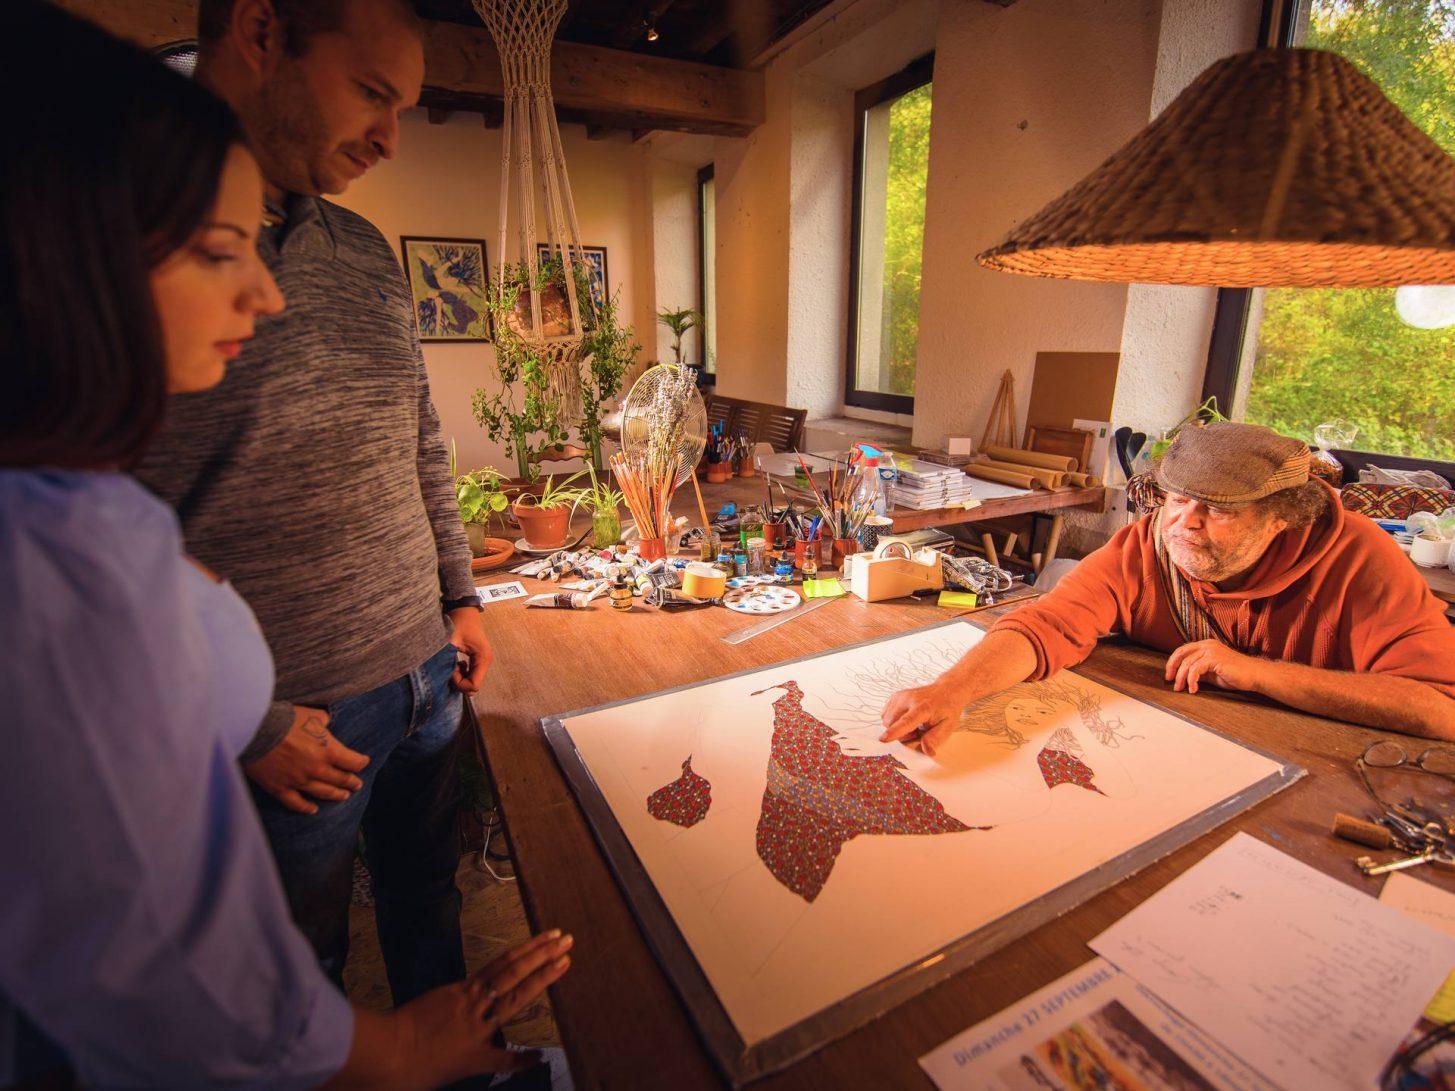 Atelier d'artiste à Montolieu © Vincent Photographie, ADT de l'Aude